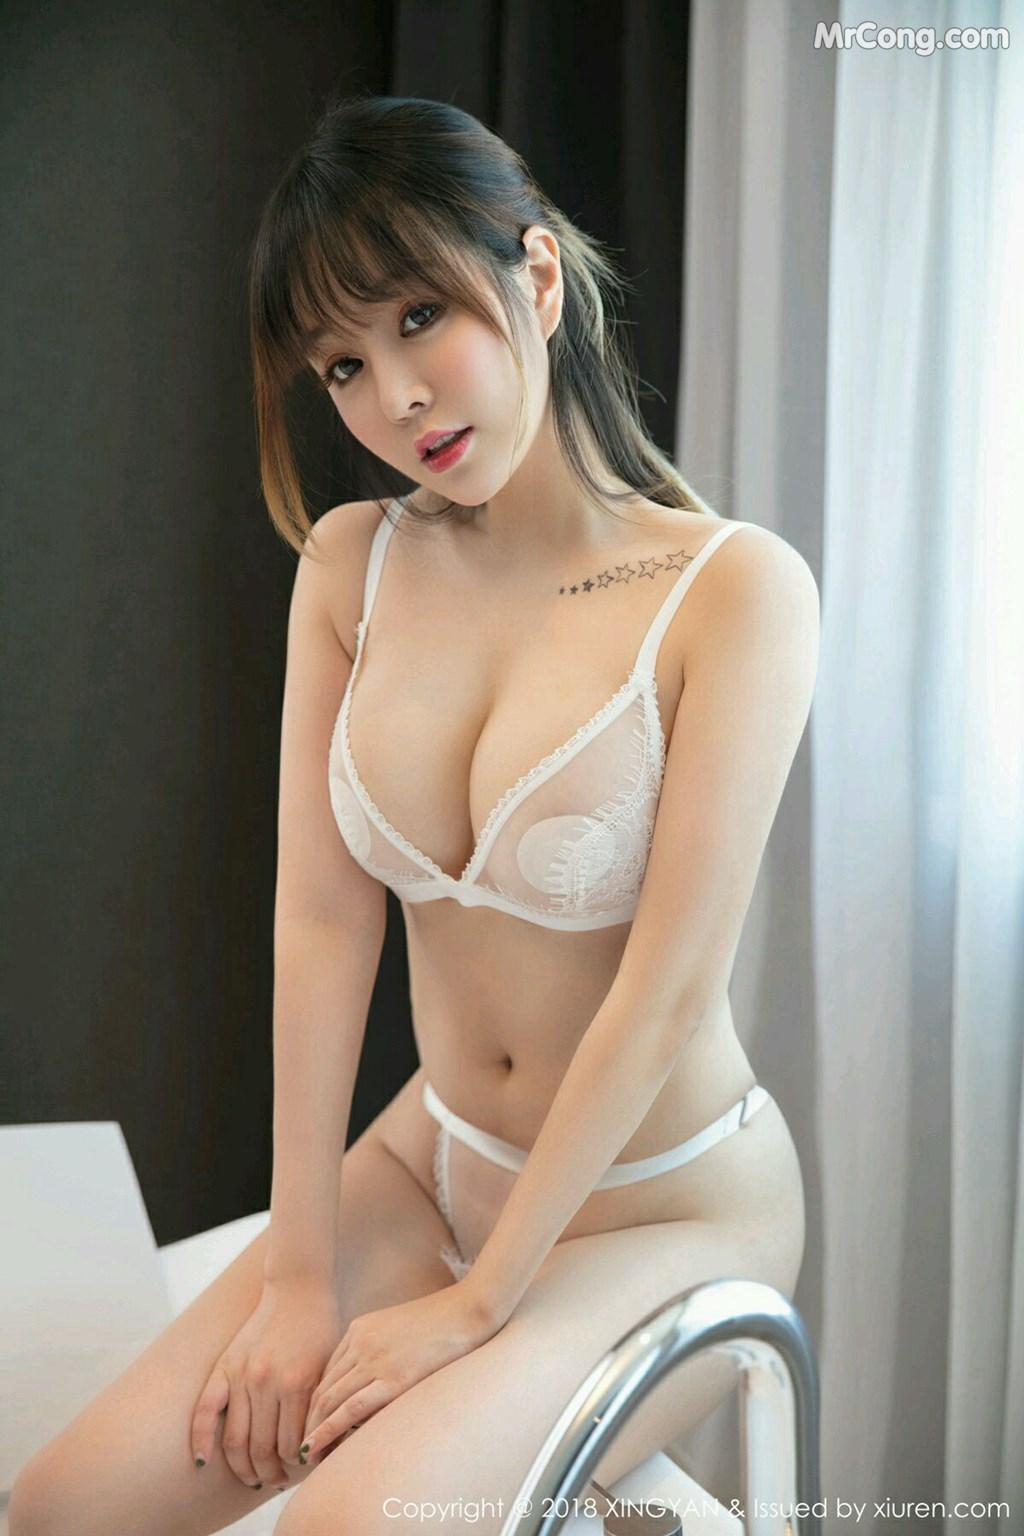 Image XingYan-Vol.076-Wang-Yu-Chun-MrCong.com-008 in post XingYan Vol.076: Người mẫu Wang Yu Chun (王雨纯) (41 ảnh)